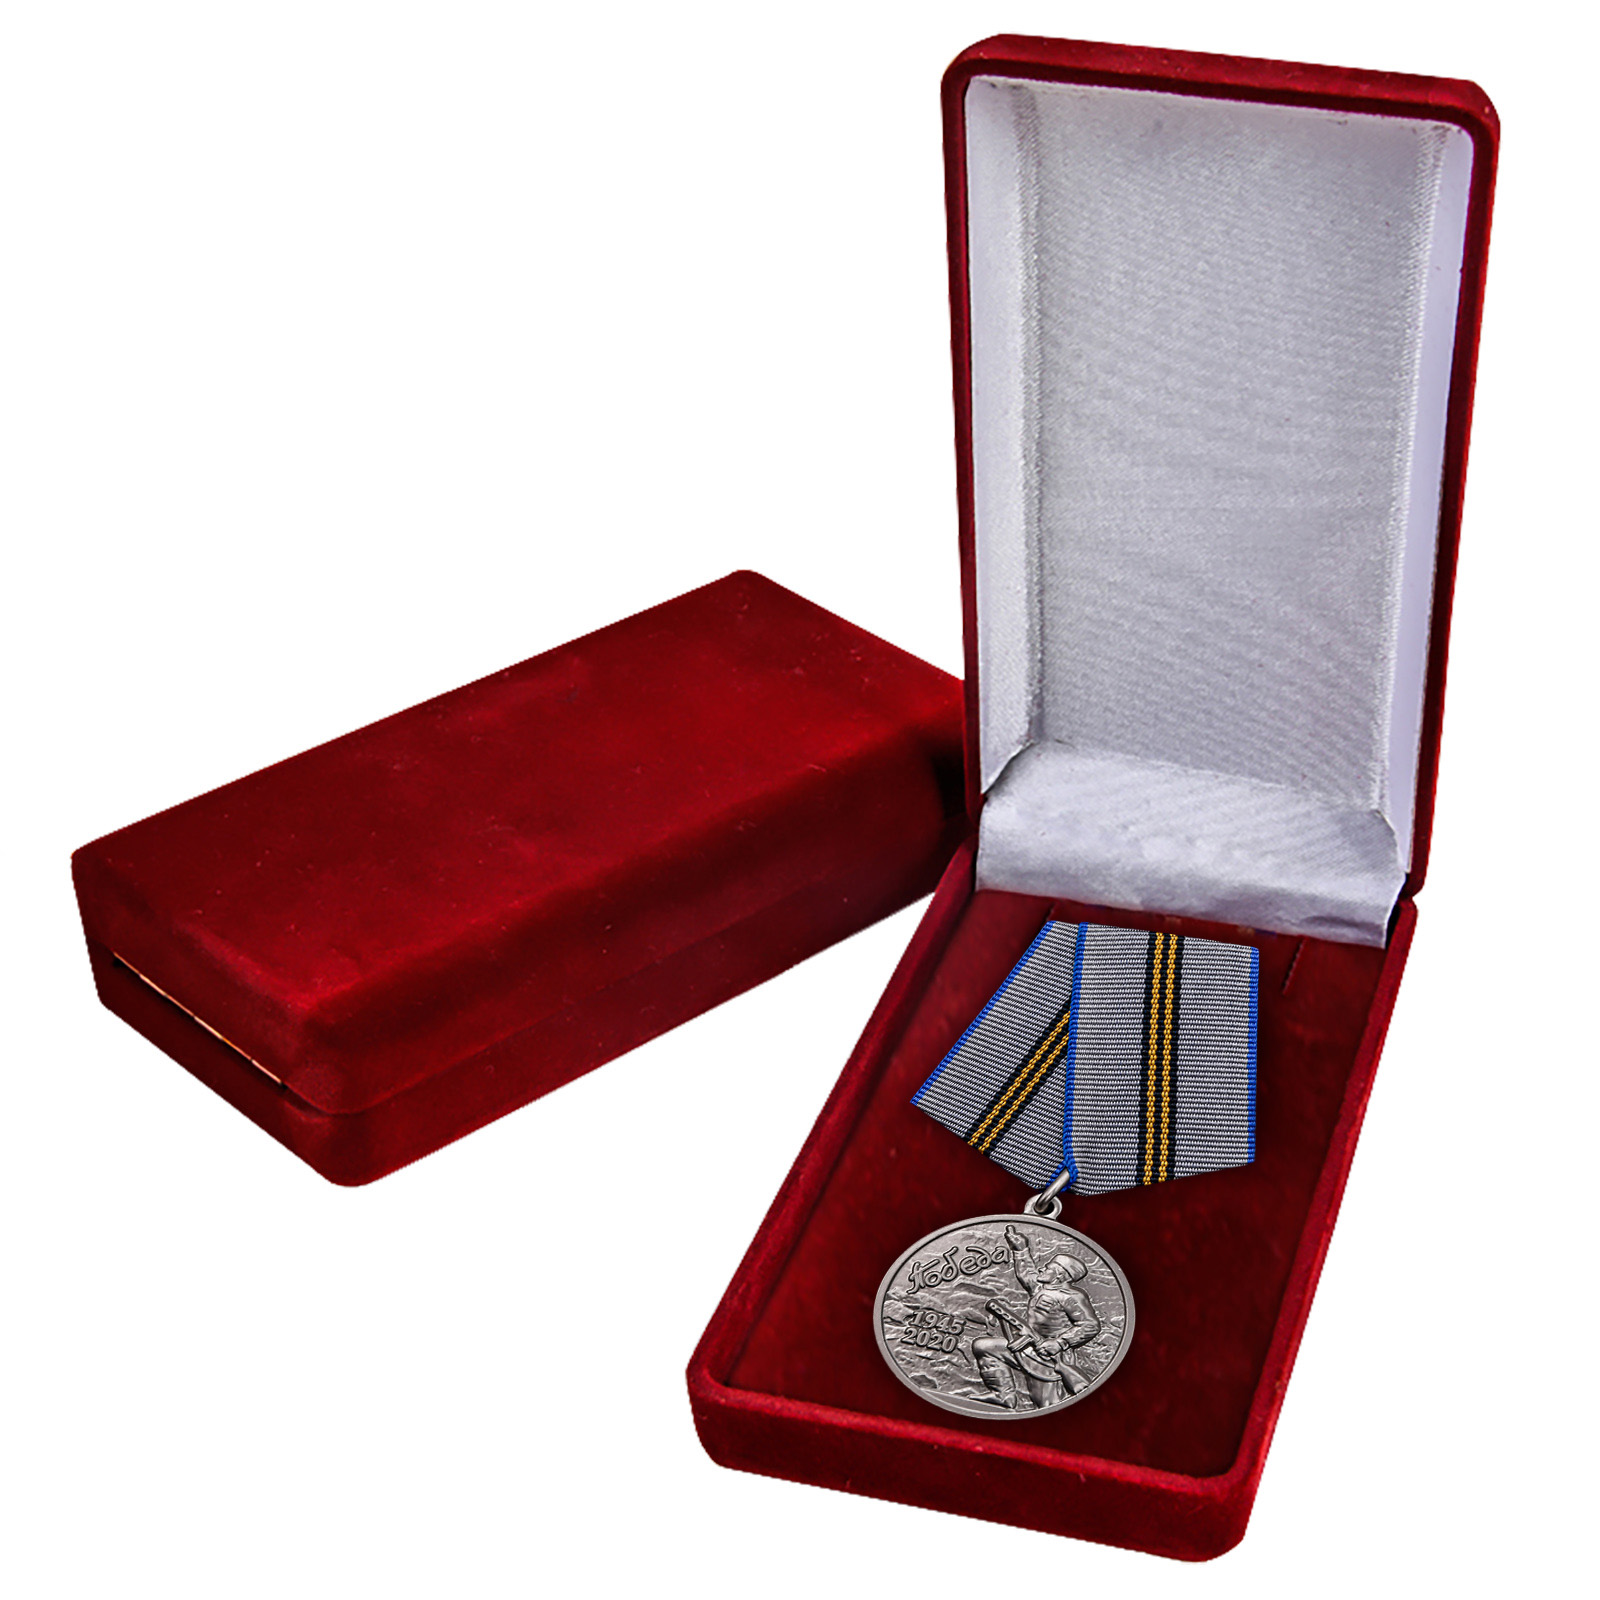 Наградная медаль 75 лет Победы в ВОВ 1941-1945 гг.